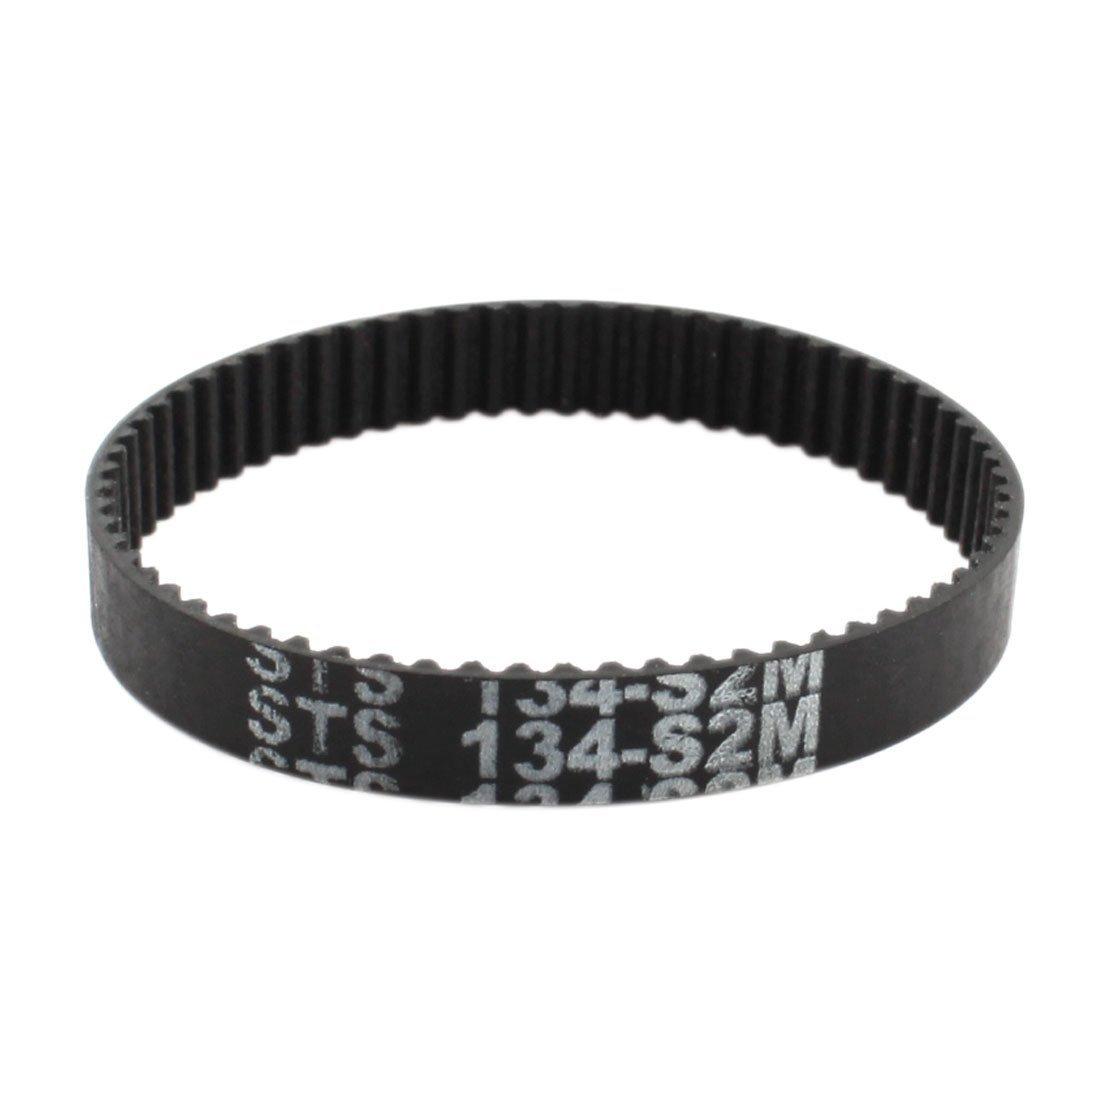 cao su S2 m-134 67 răng 6 mm chiều rộng đen cogged thắt lưng thời gian công nghiệp cao su